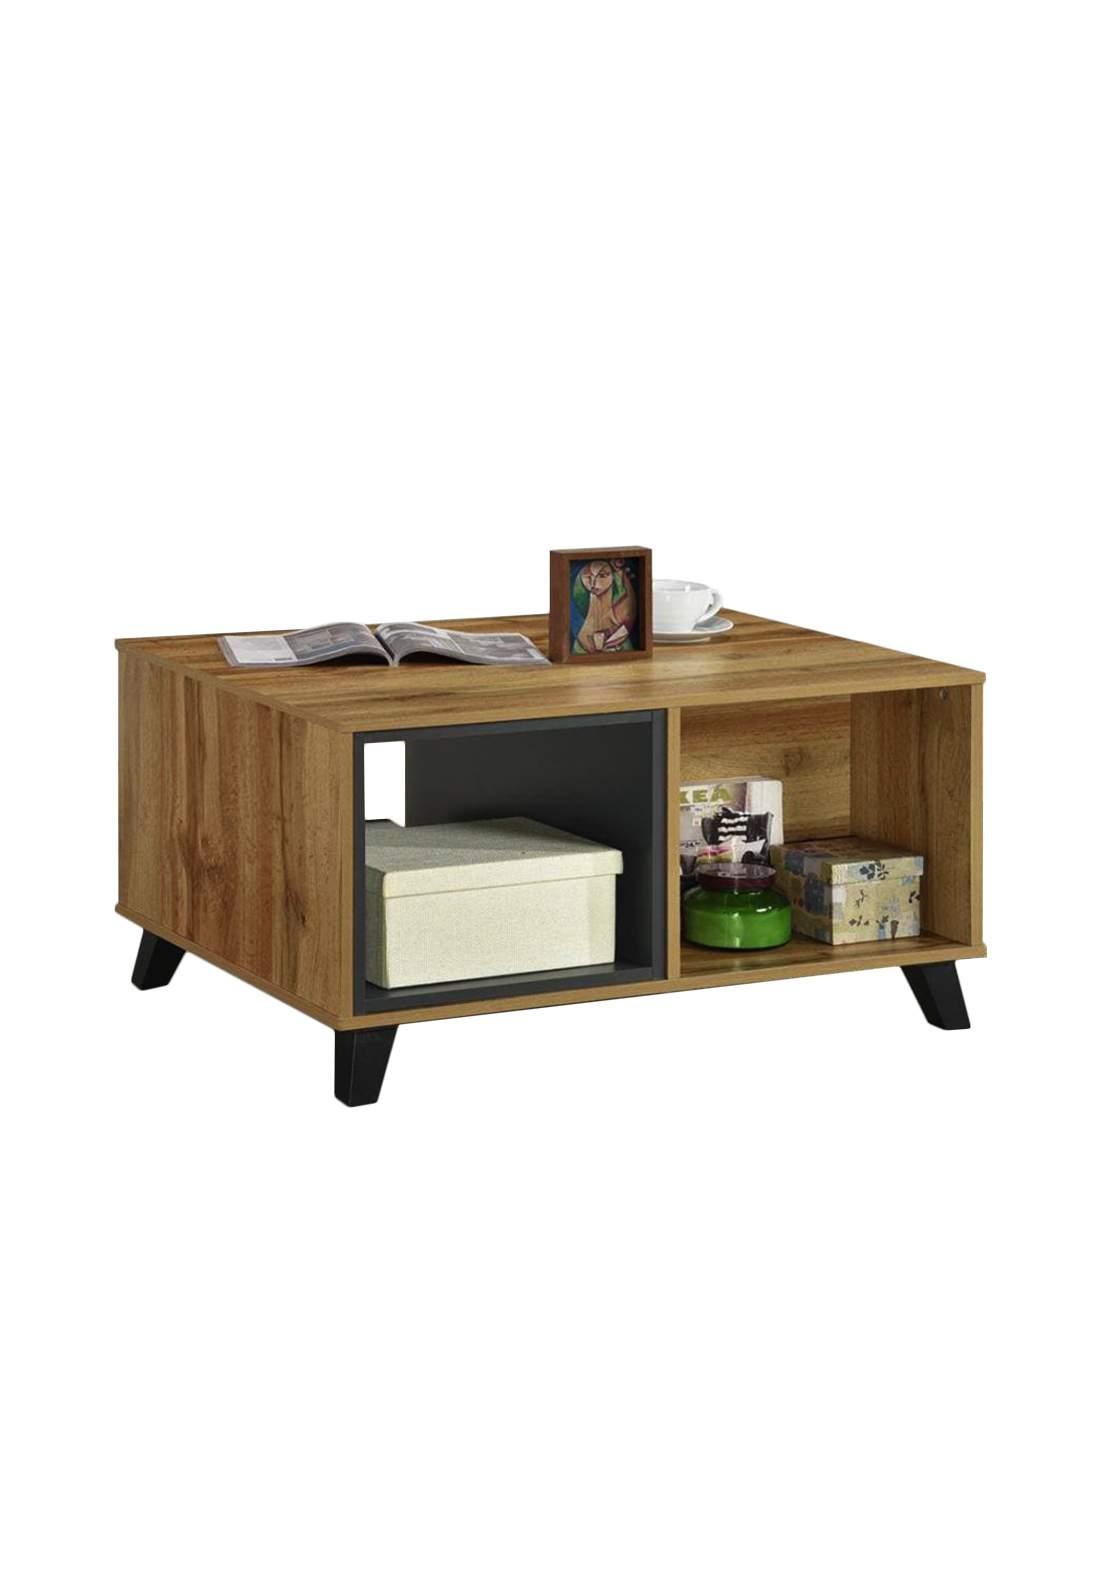 طاولة متعددة الأستخدام  flexi 21